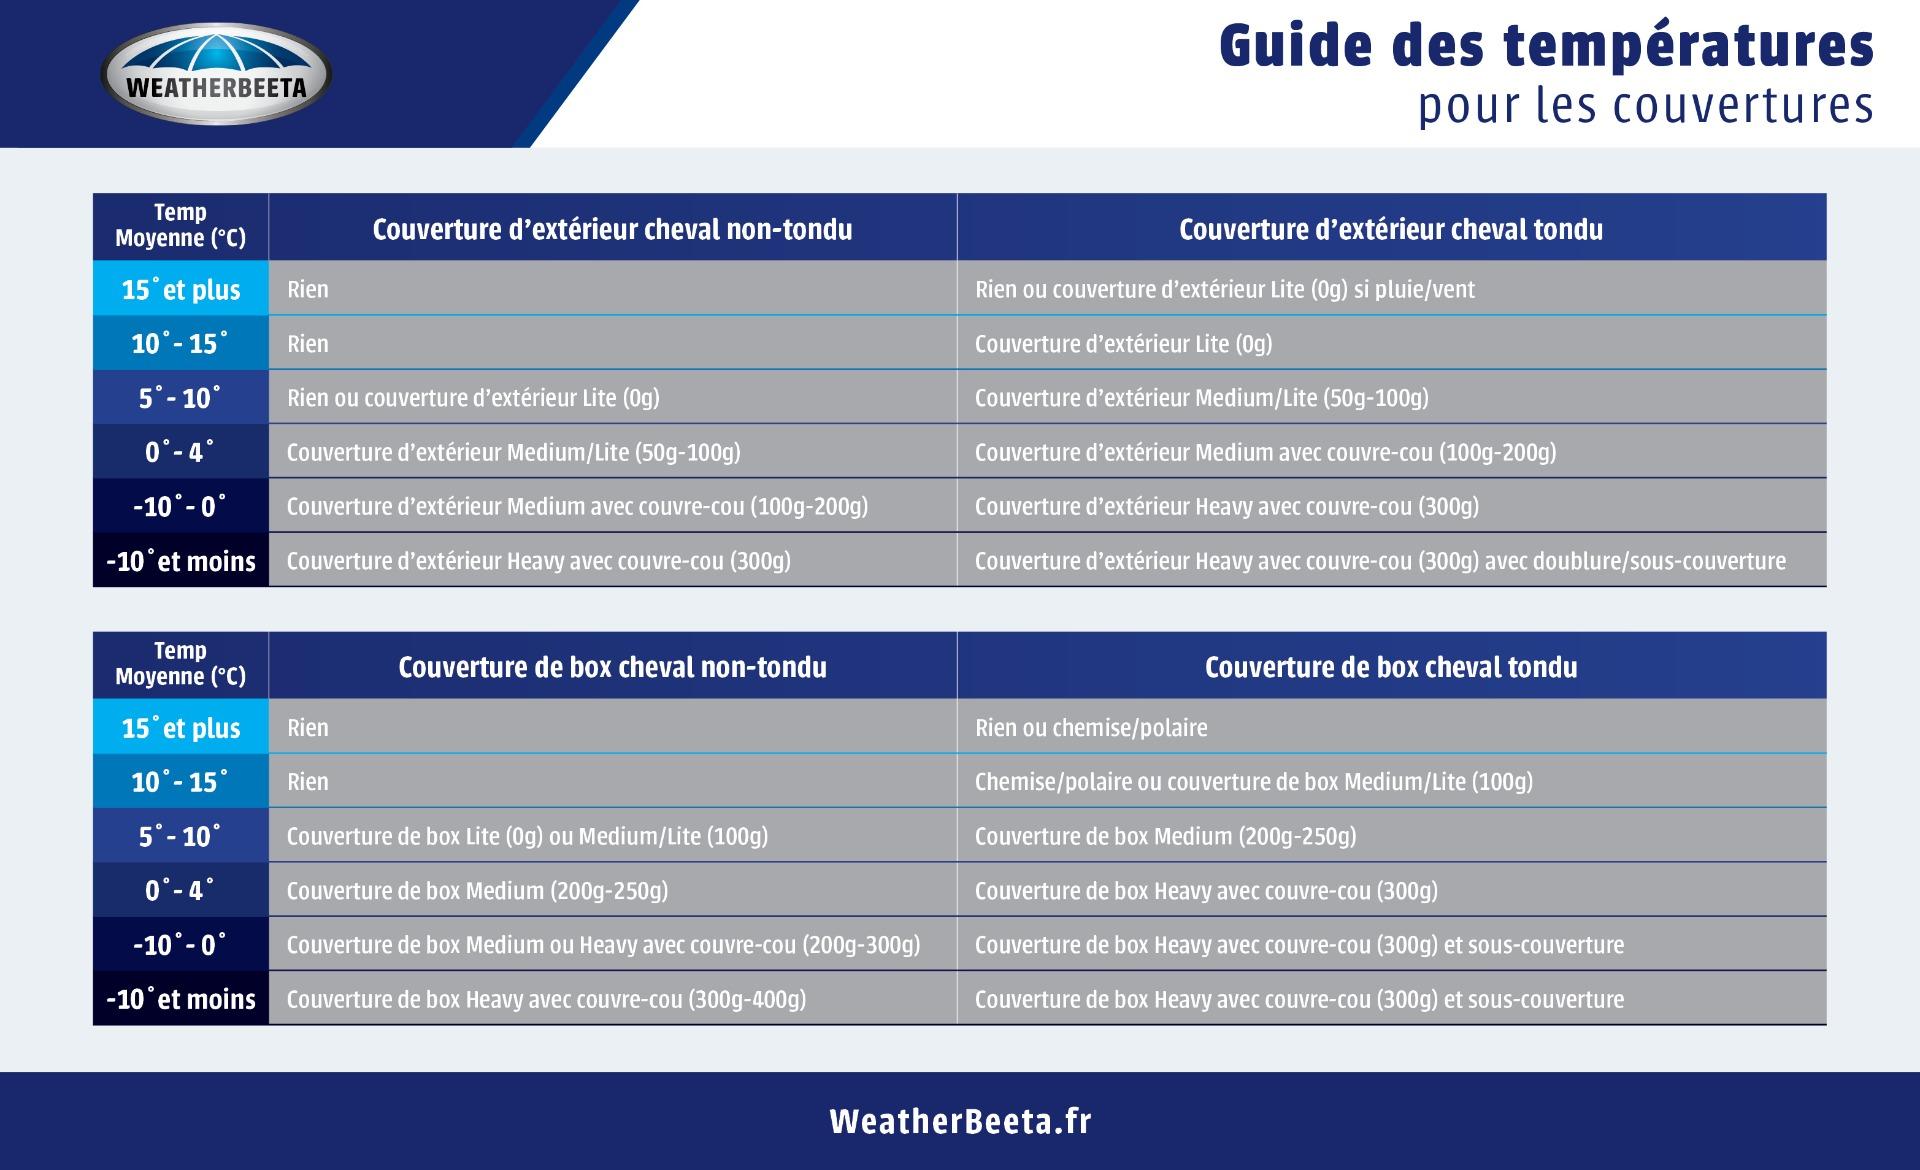 Guide de températures pour les couvertures